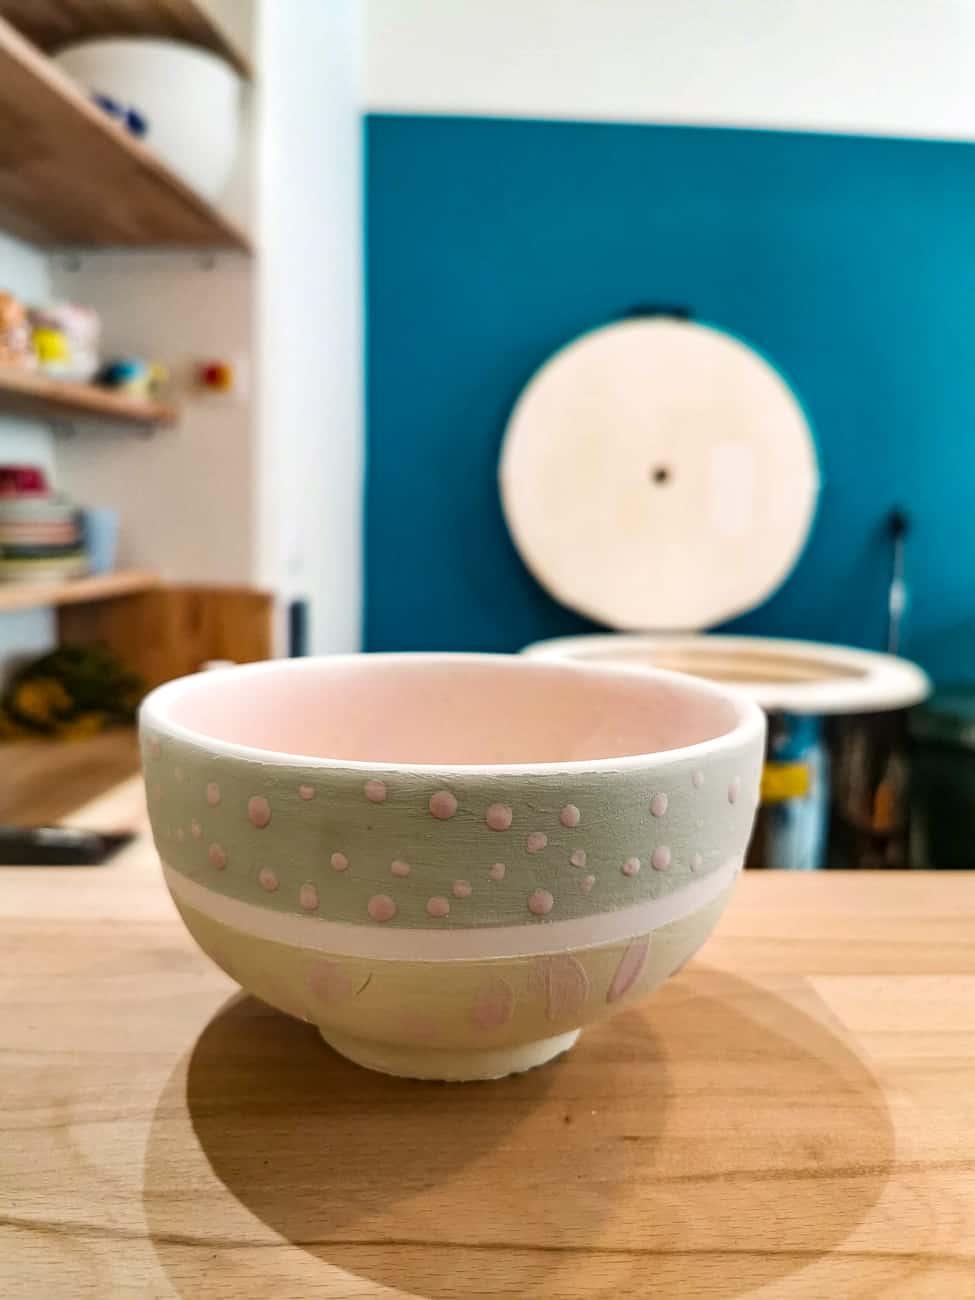 biscuit-ceramique-cafe-paris-11